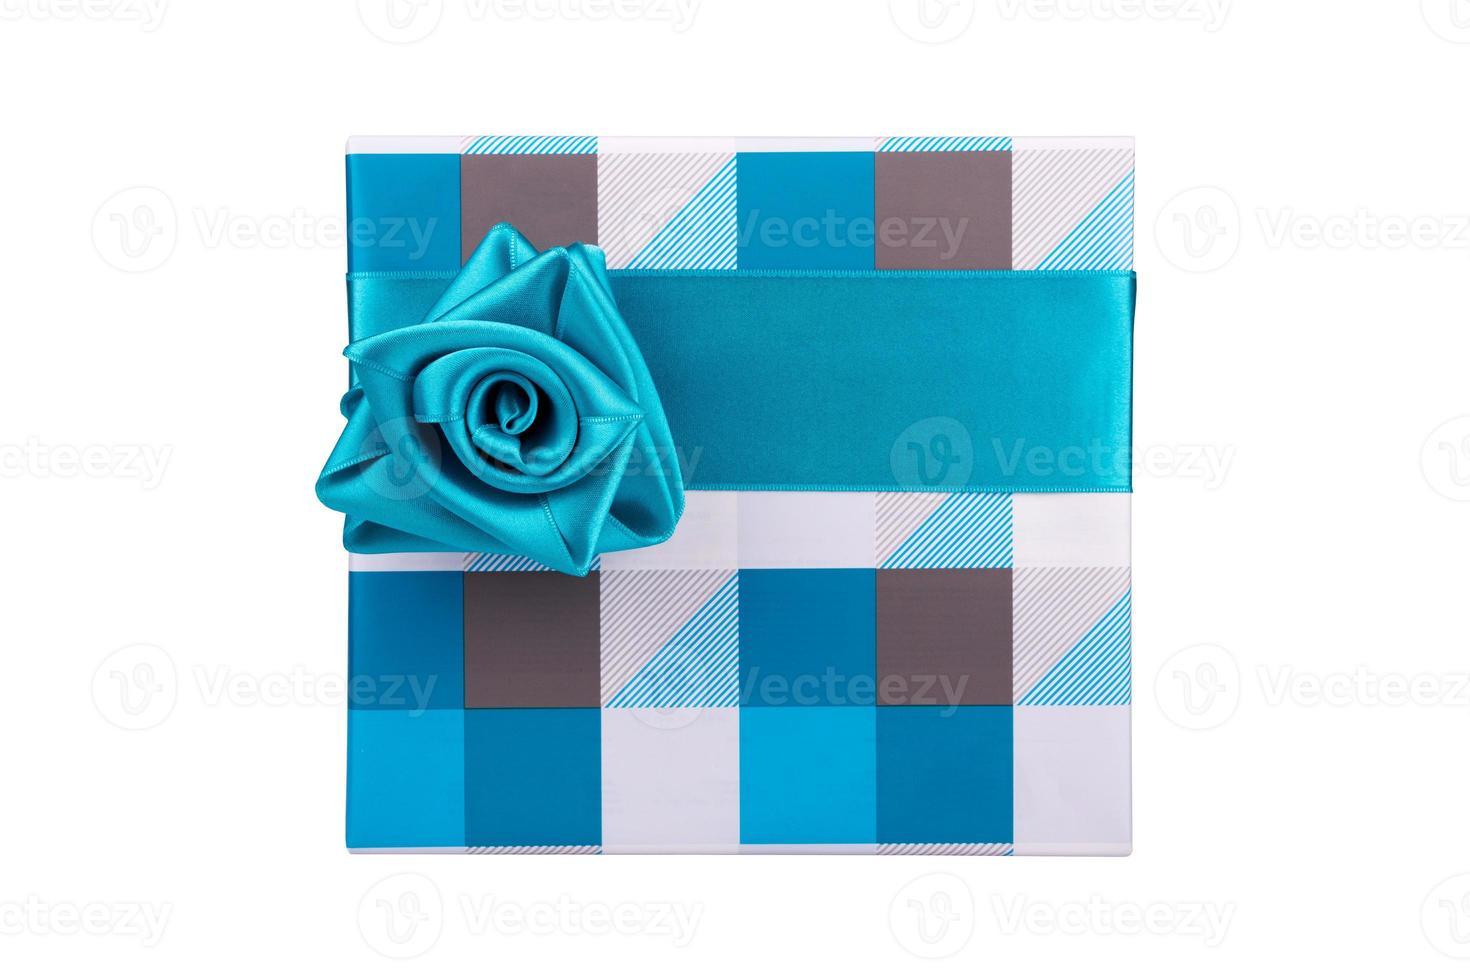 coffret cadeau bleu-gris avec ruban noué comme une rose photo